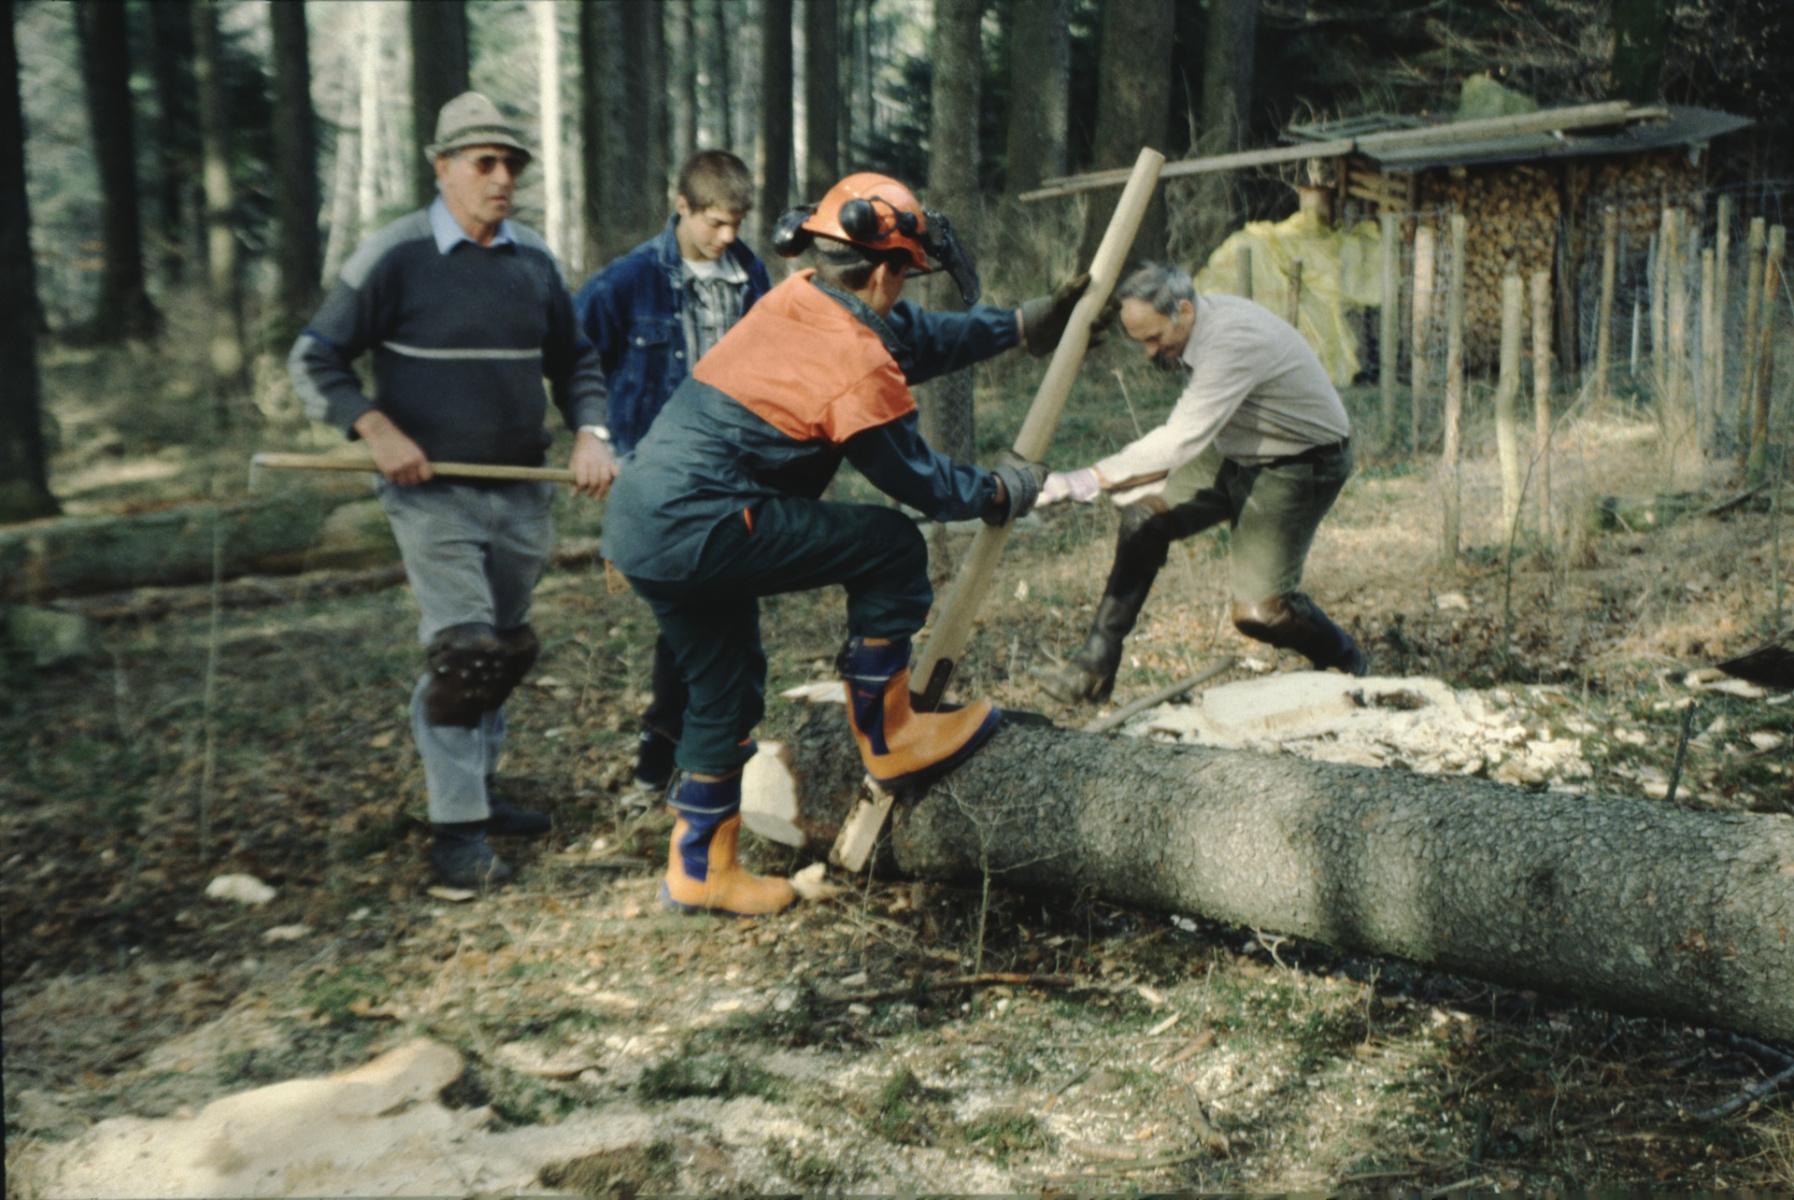 Drehen des Stammes mit dem Kehrhaken - Dölf Fenner. Bäume fällen wie früher.